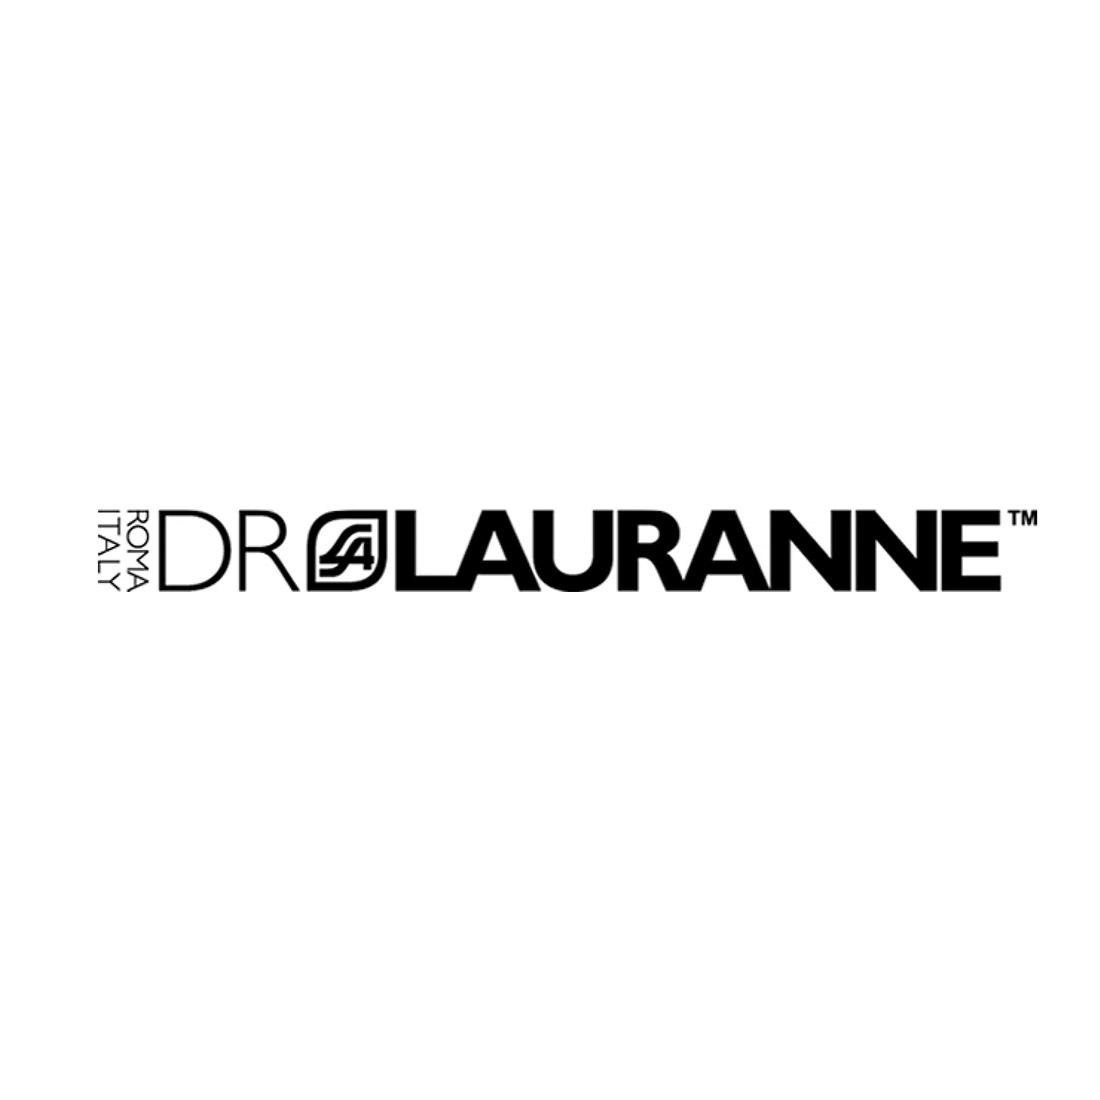 DrLauranne logo